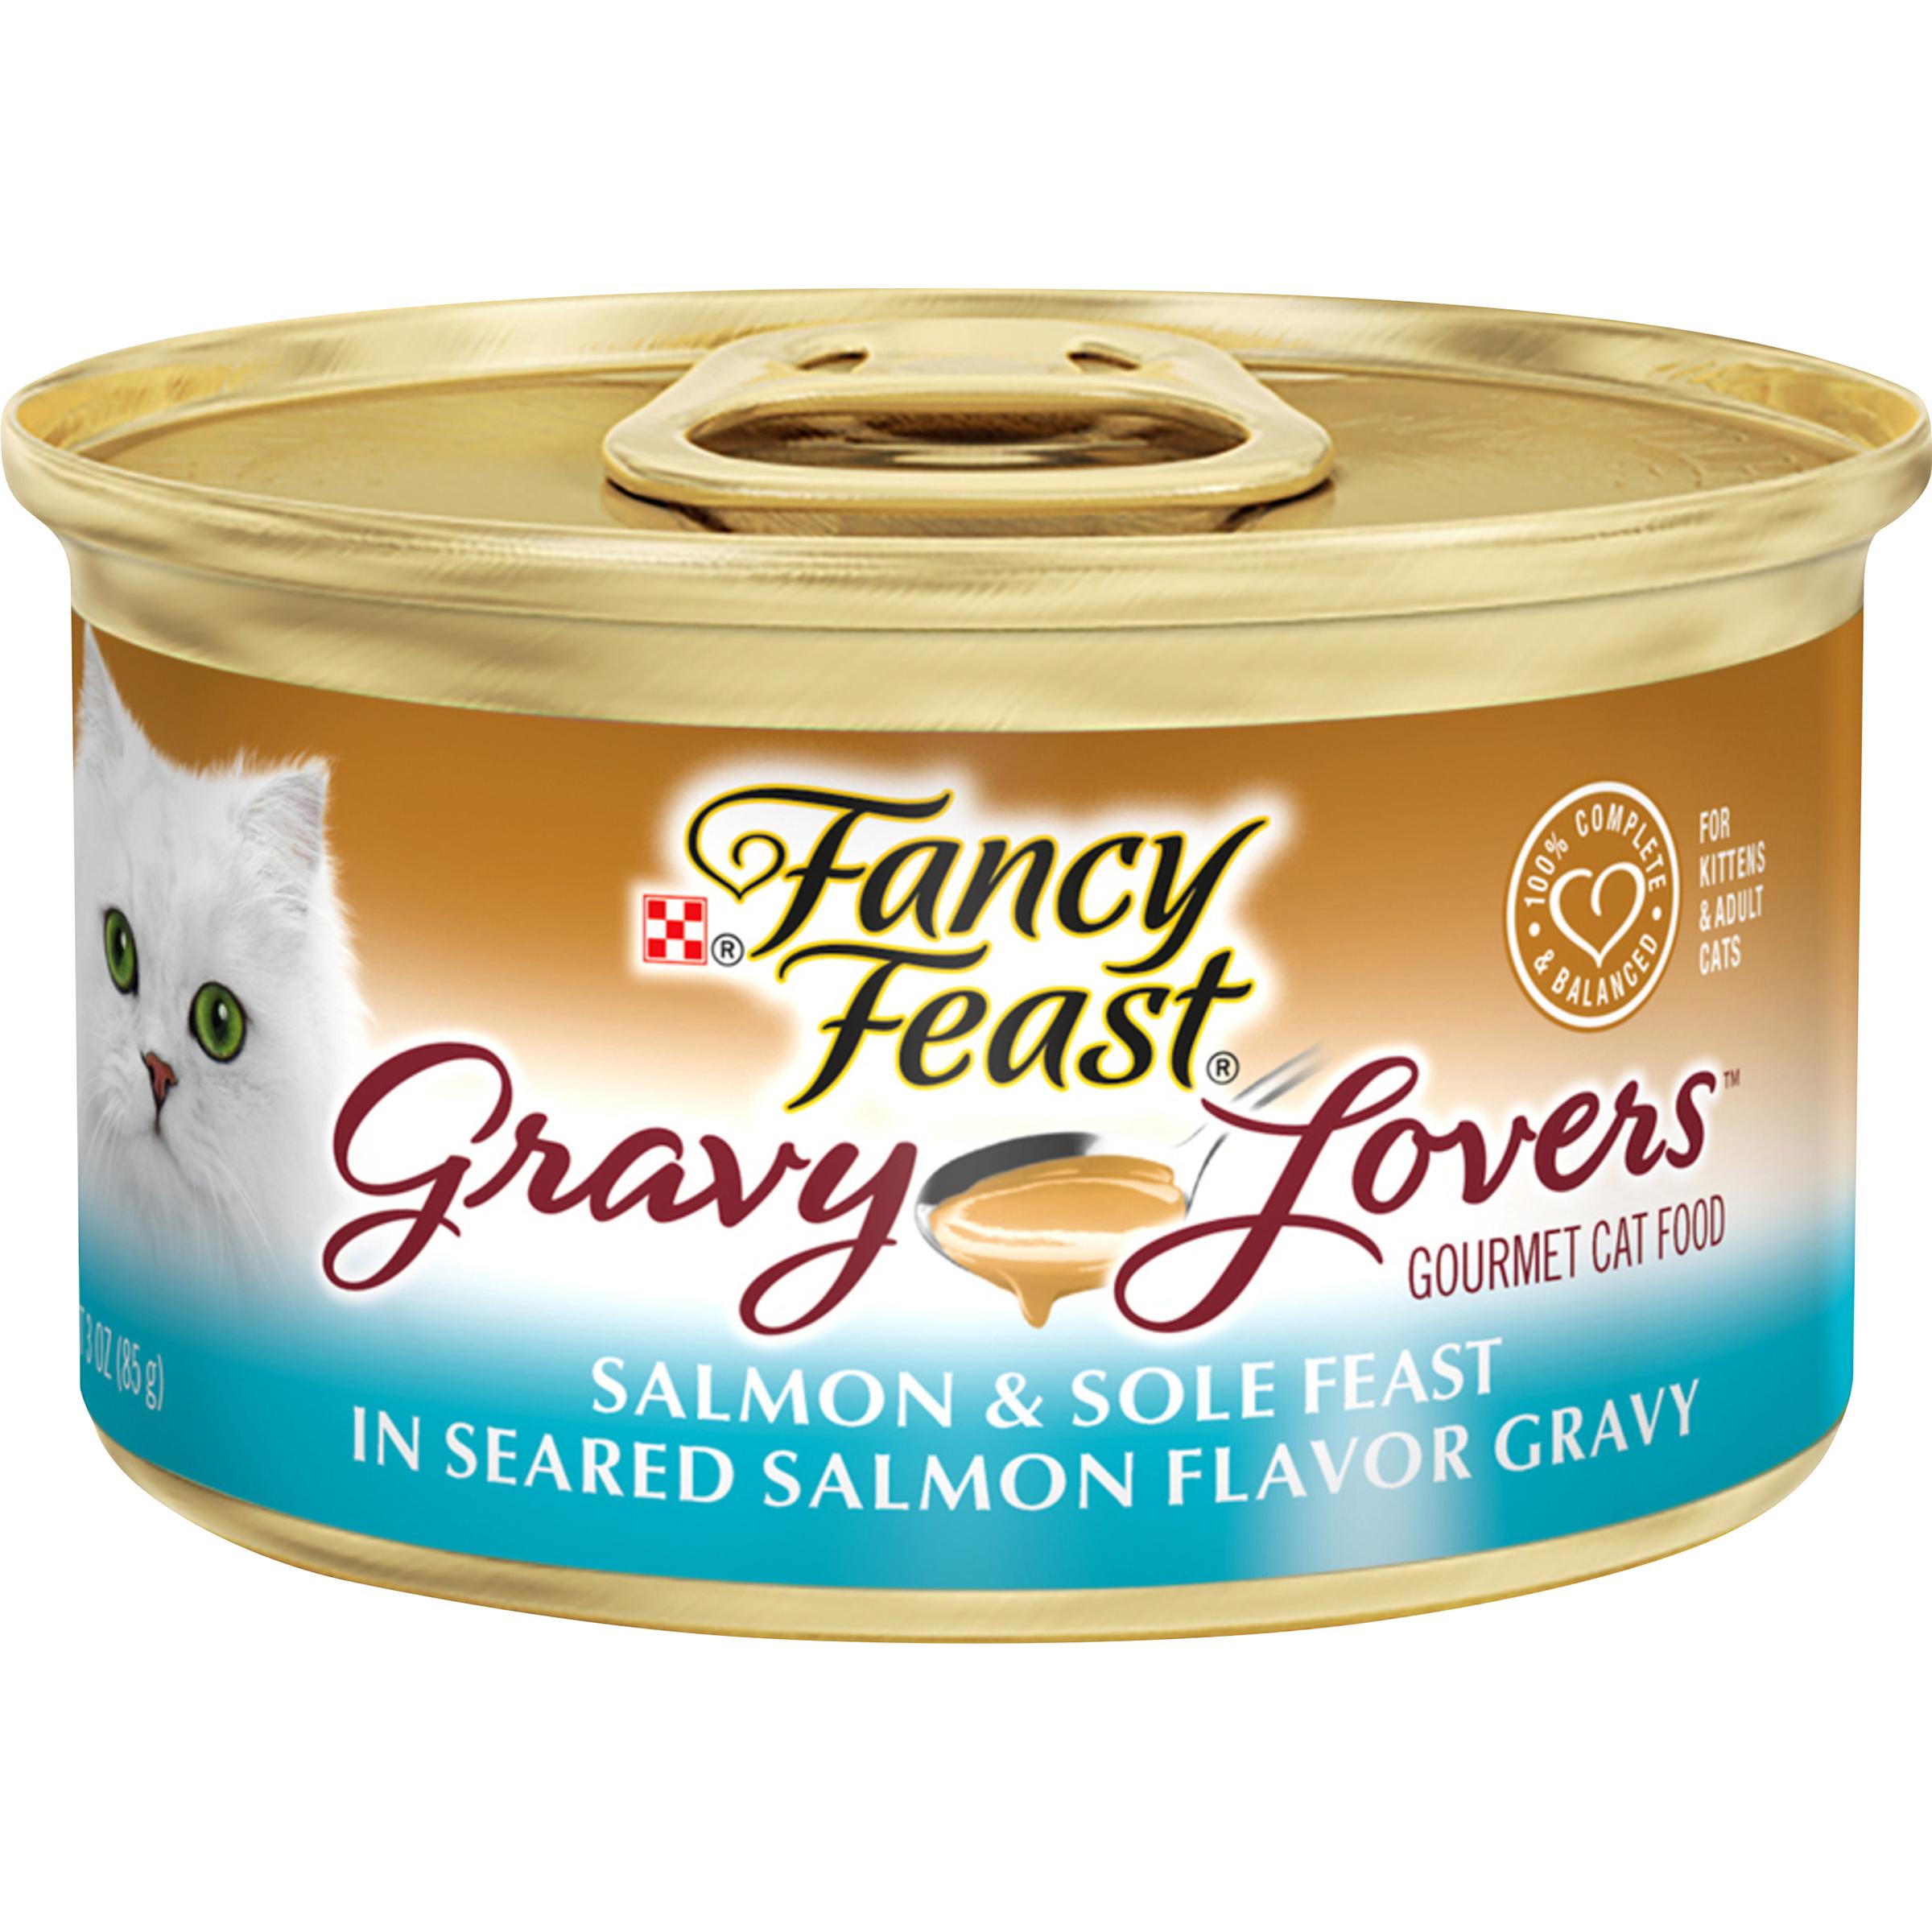 Purina Fancy Feast Gravy Lovers Salmon & Sole Feast in Seared Salmon Flavor Gravy Wet Cat Food -